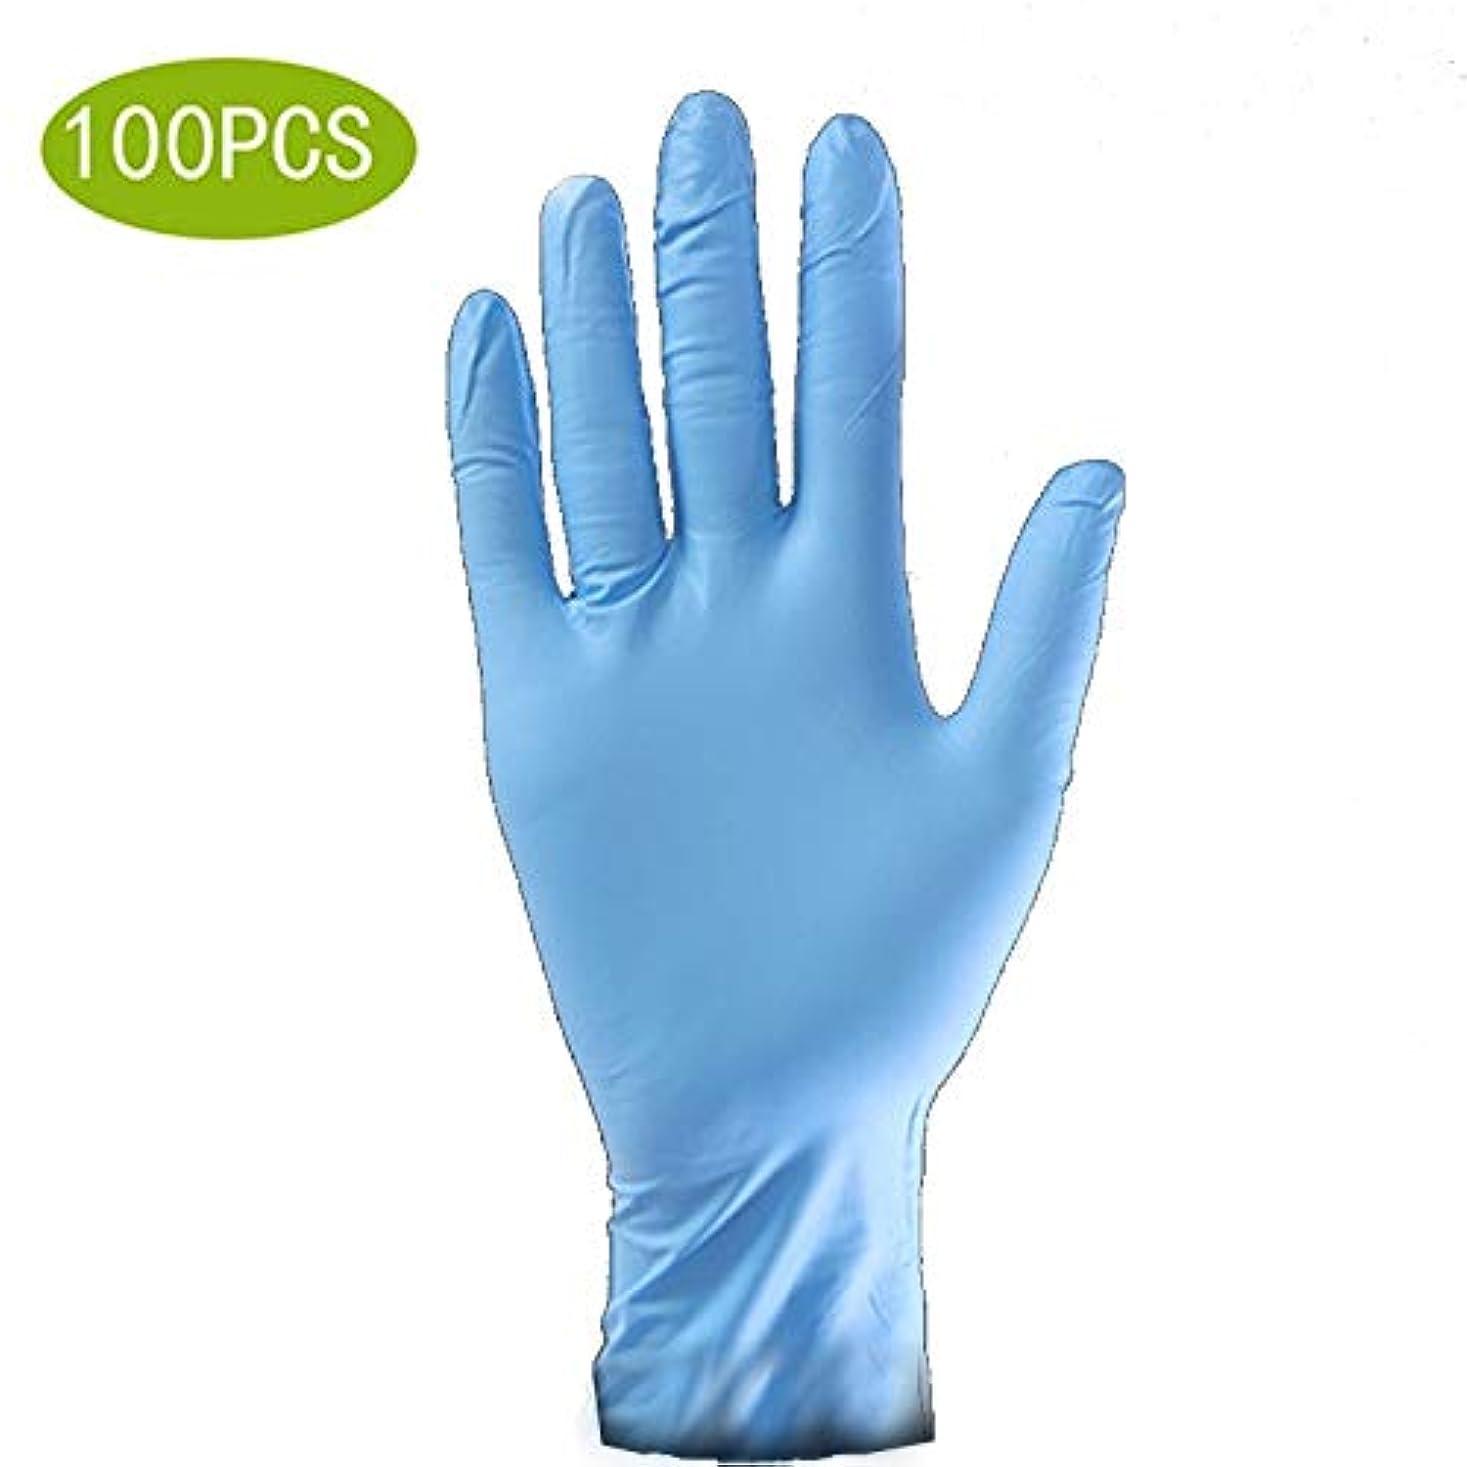 ムスタチオところでフィット保護用使い捨てニトリル医療用手袋、3ミル、ラテックスフリー、試験グレードの手袋、質感のある、Ambidextrous、非滅菌の、FDA承認済みパック100 (Color : Blue, Size : S)